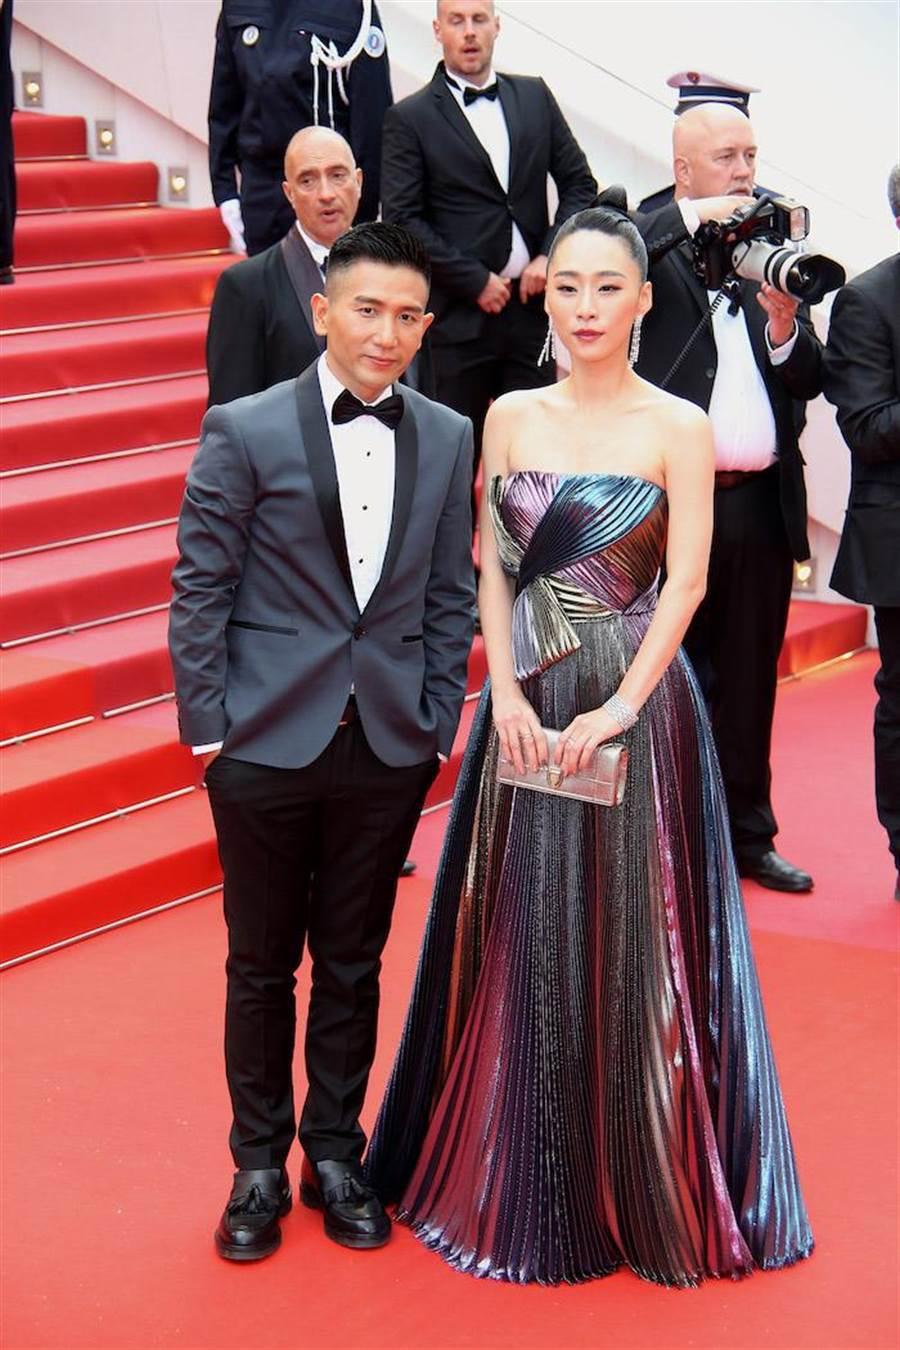 趙德胤和吳可熙代表《灼人秘密》一起走上坎城紅毯。(岸上影像提供)